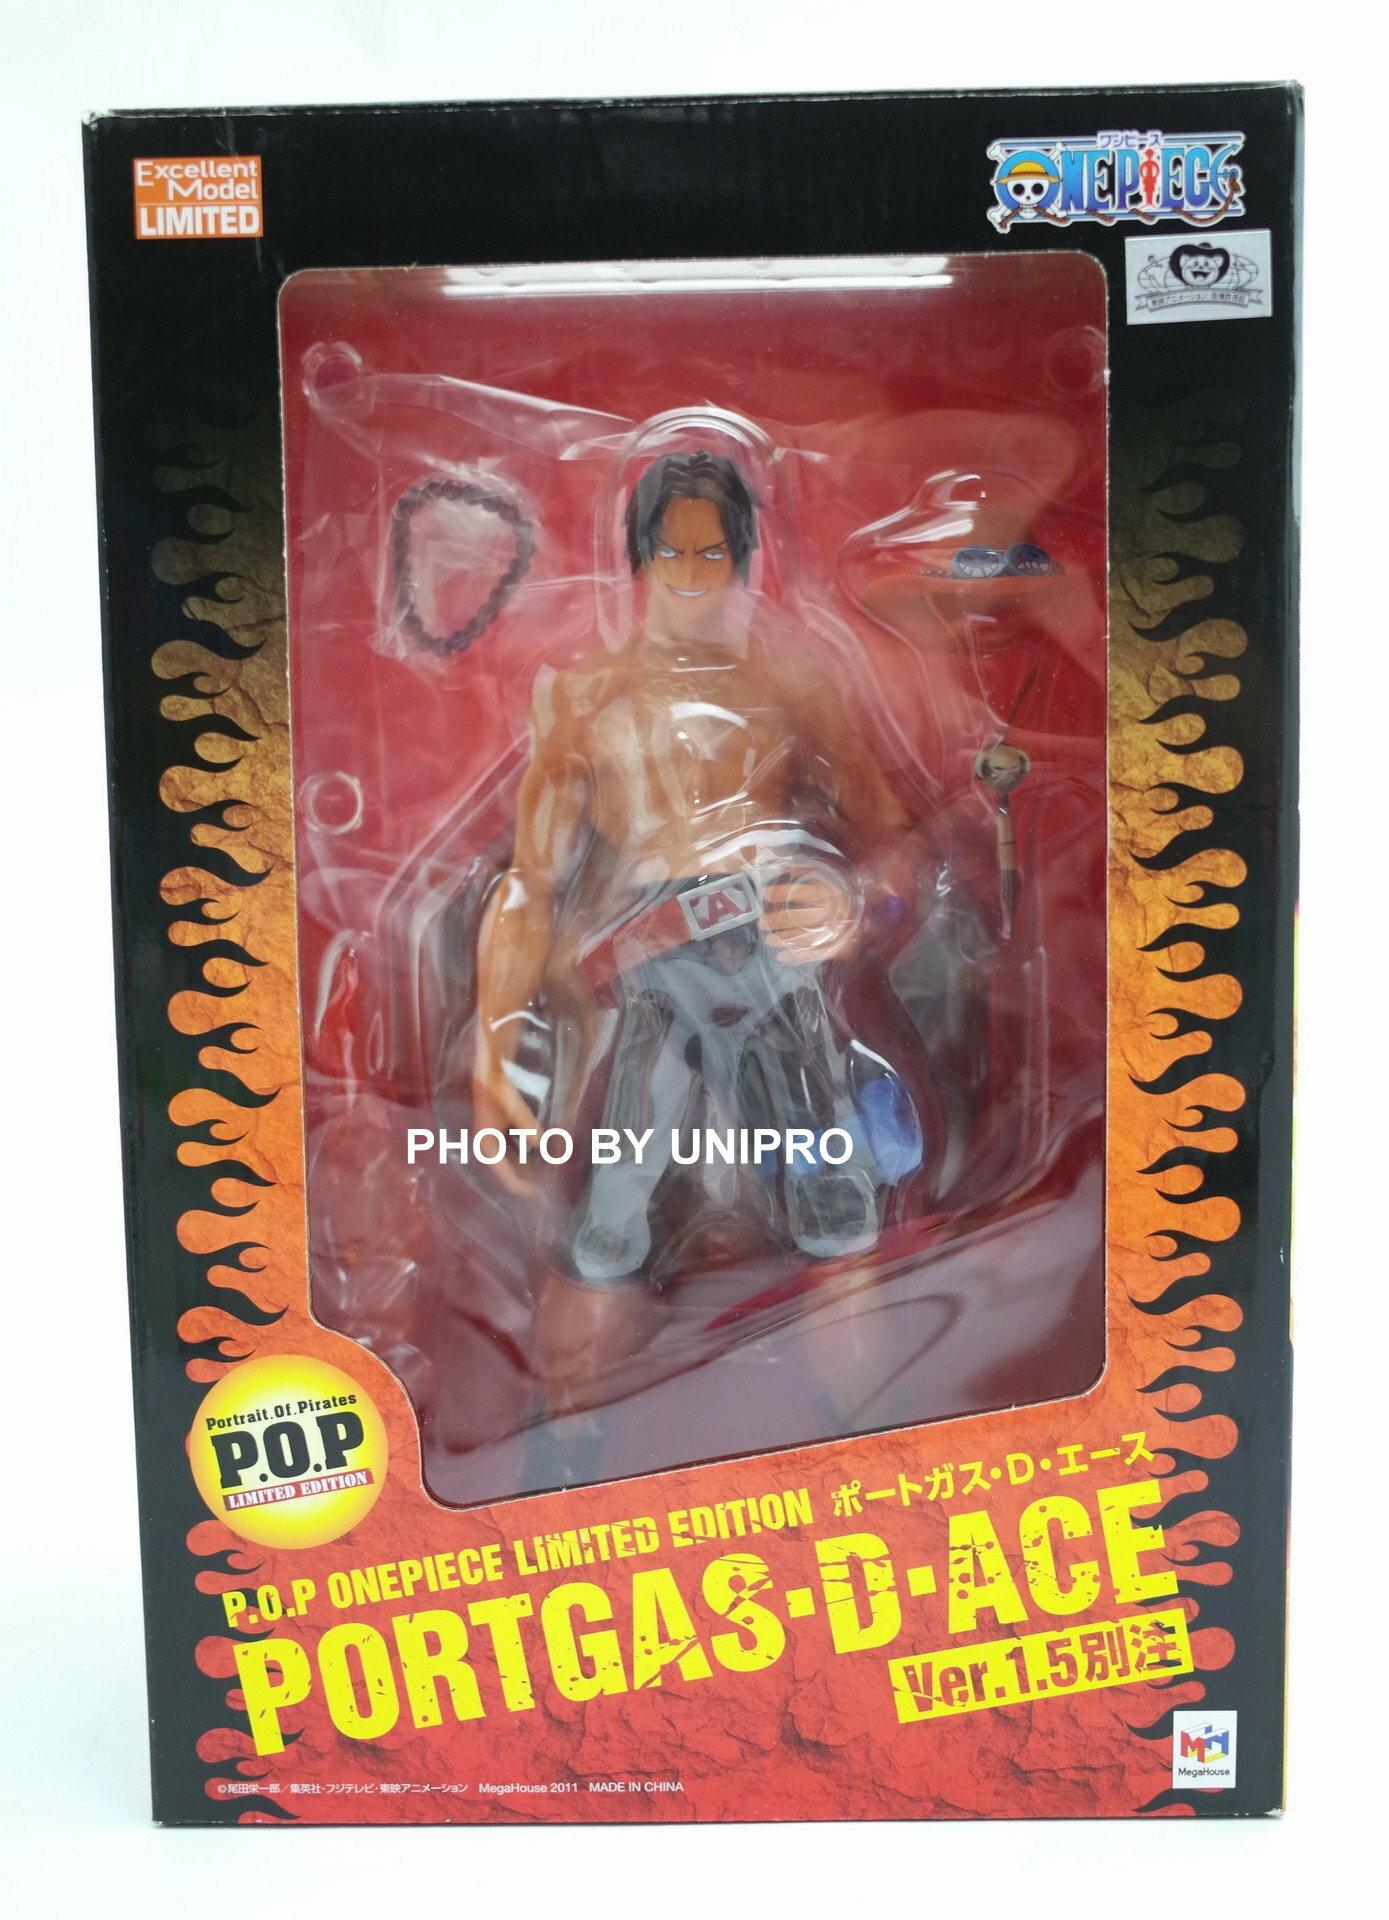 日版 銀底黑貓證紙 POP 艾斯 Ver 1.5 別注限定版 海賊王 航海王 One Piece P.O.P